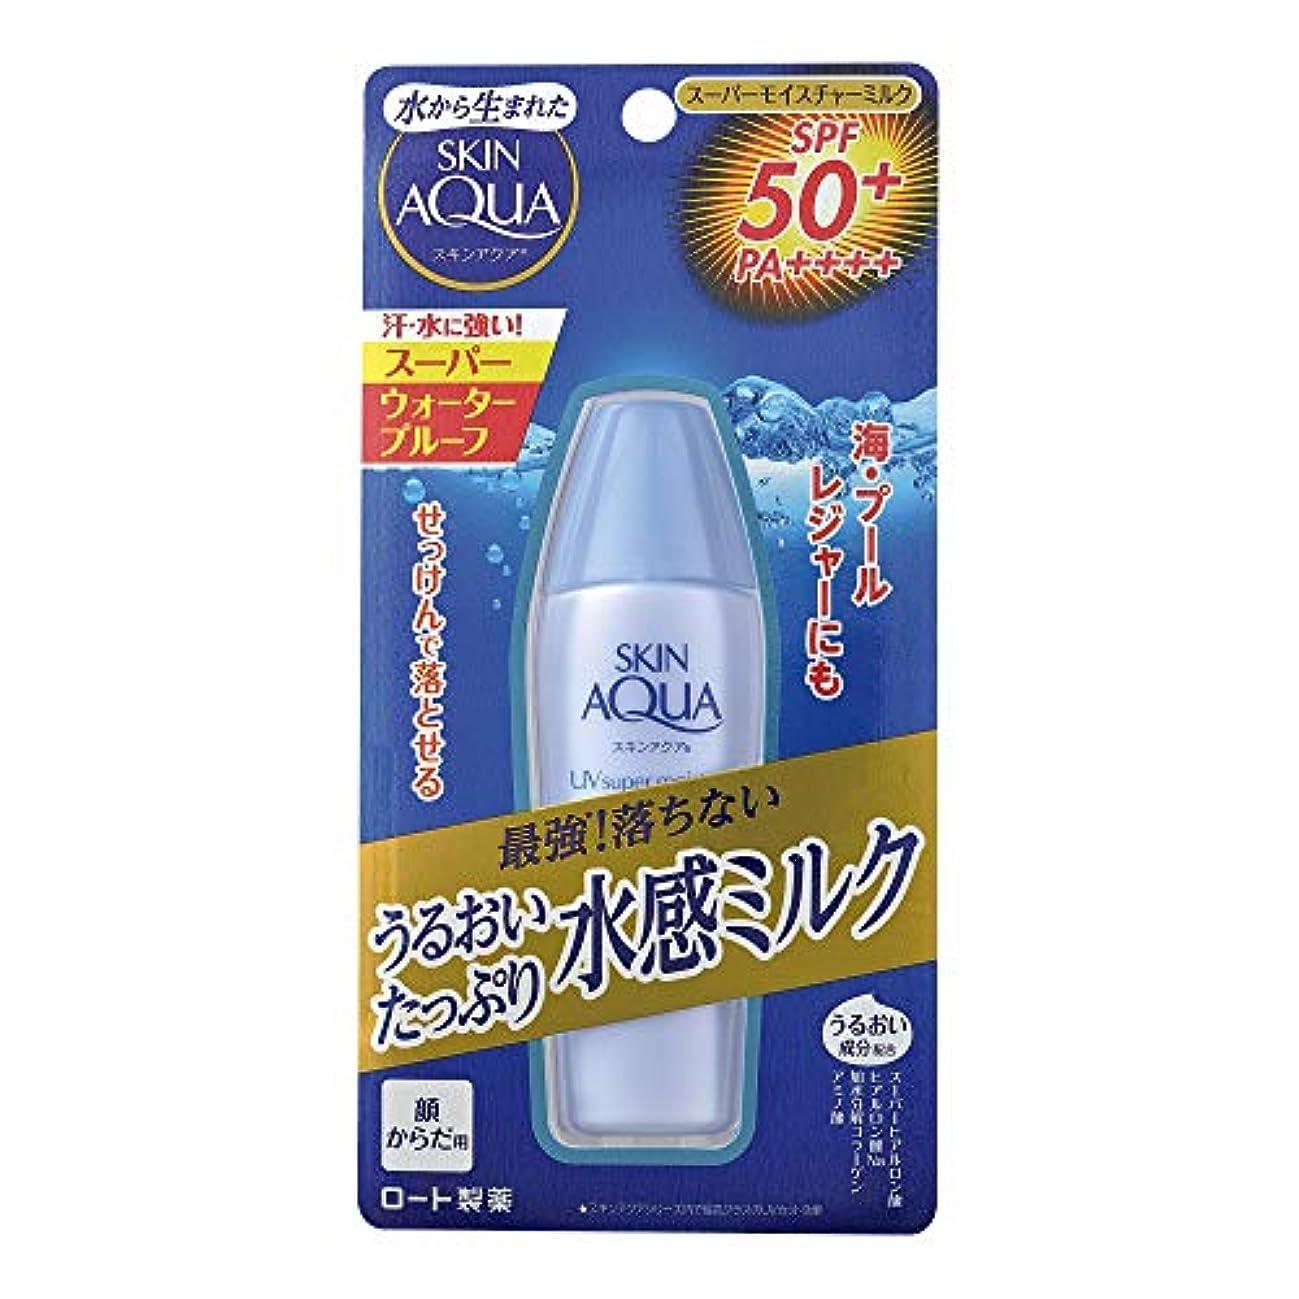 縁ポルノ時制スキンアクア (SKIN AQUA) 日焼け止め スーパーモイスチャーミルク 潤い成分4種配合 水感ミルク (SPF50 PA++++) 40mL ※スーパーウォータープルーフ